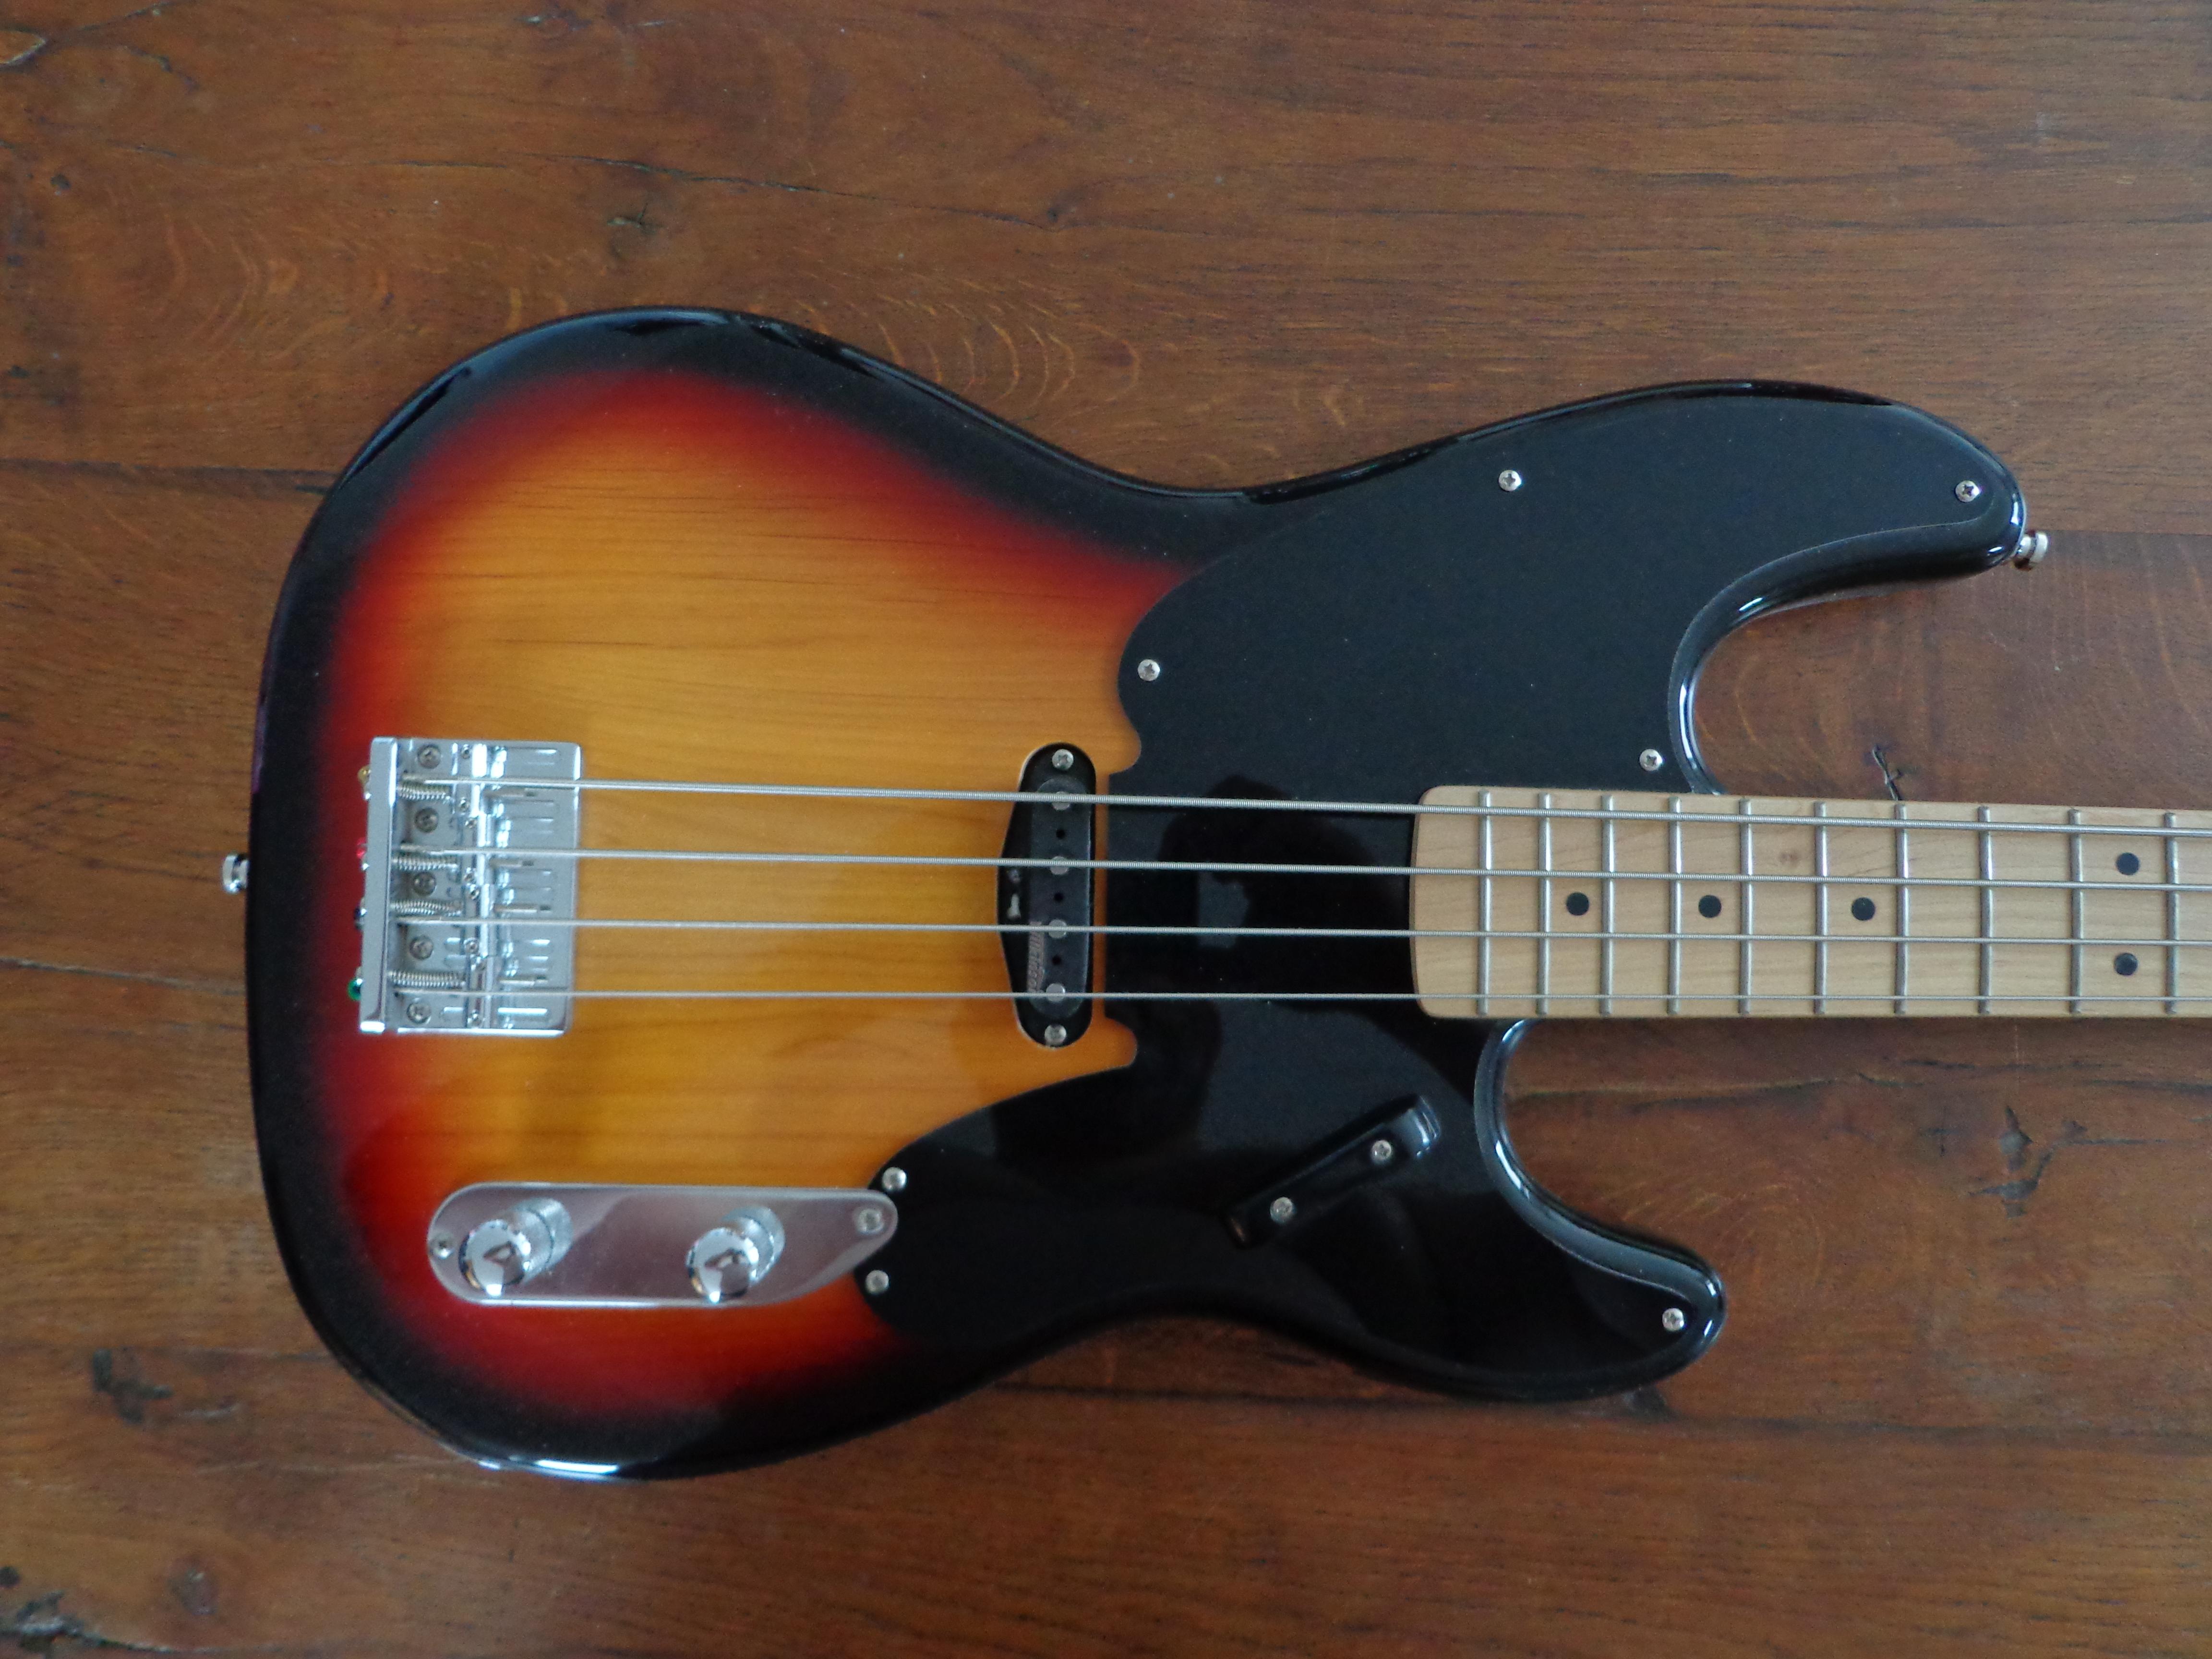 basse harley benton pb 50 sb sunburst 34 vend basse. Black Bedroom Furniture Sets. Home Design Ideas